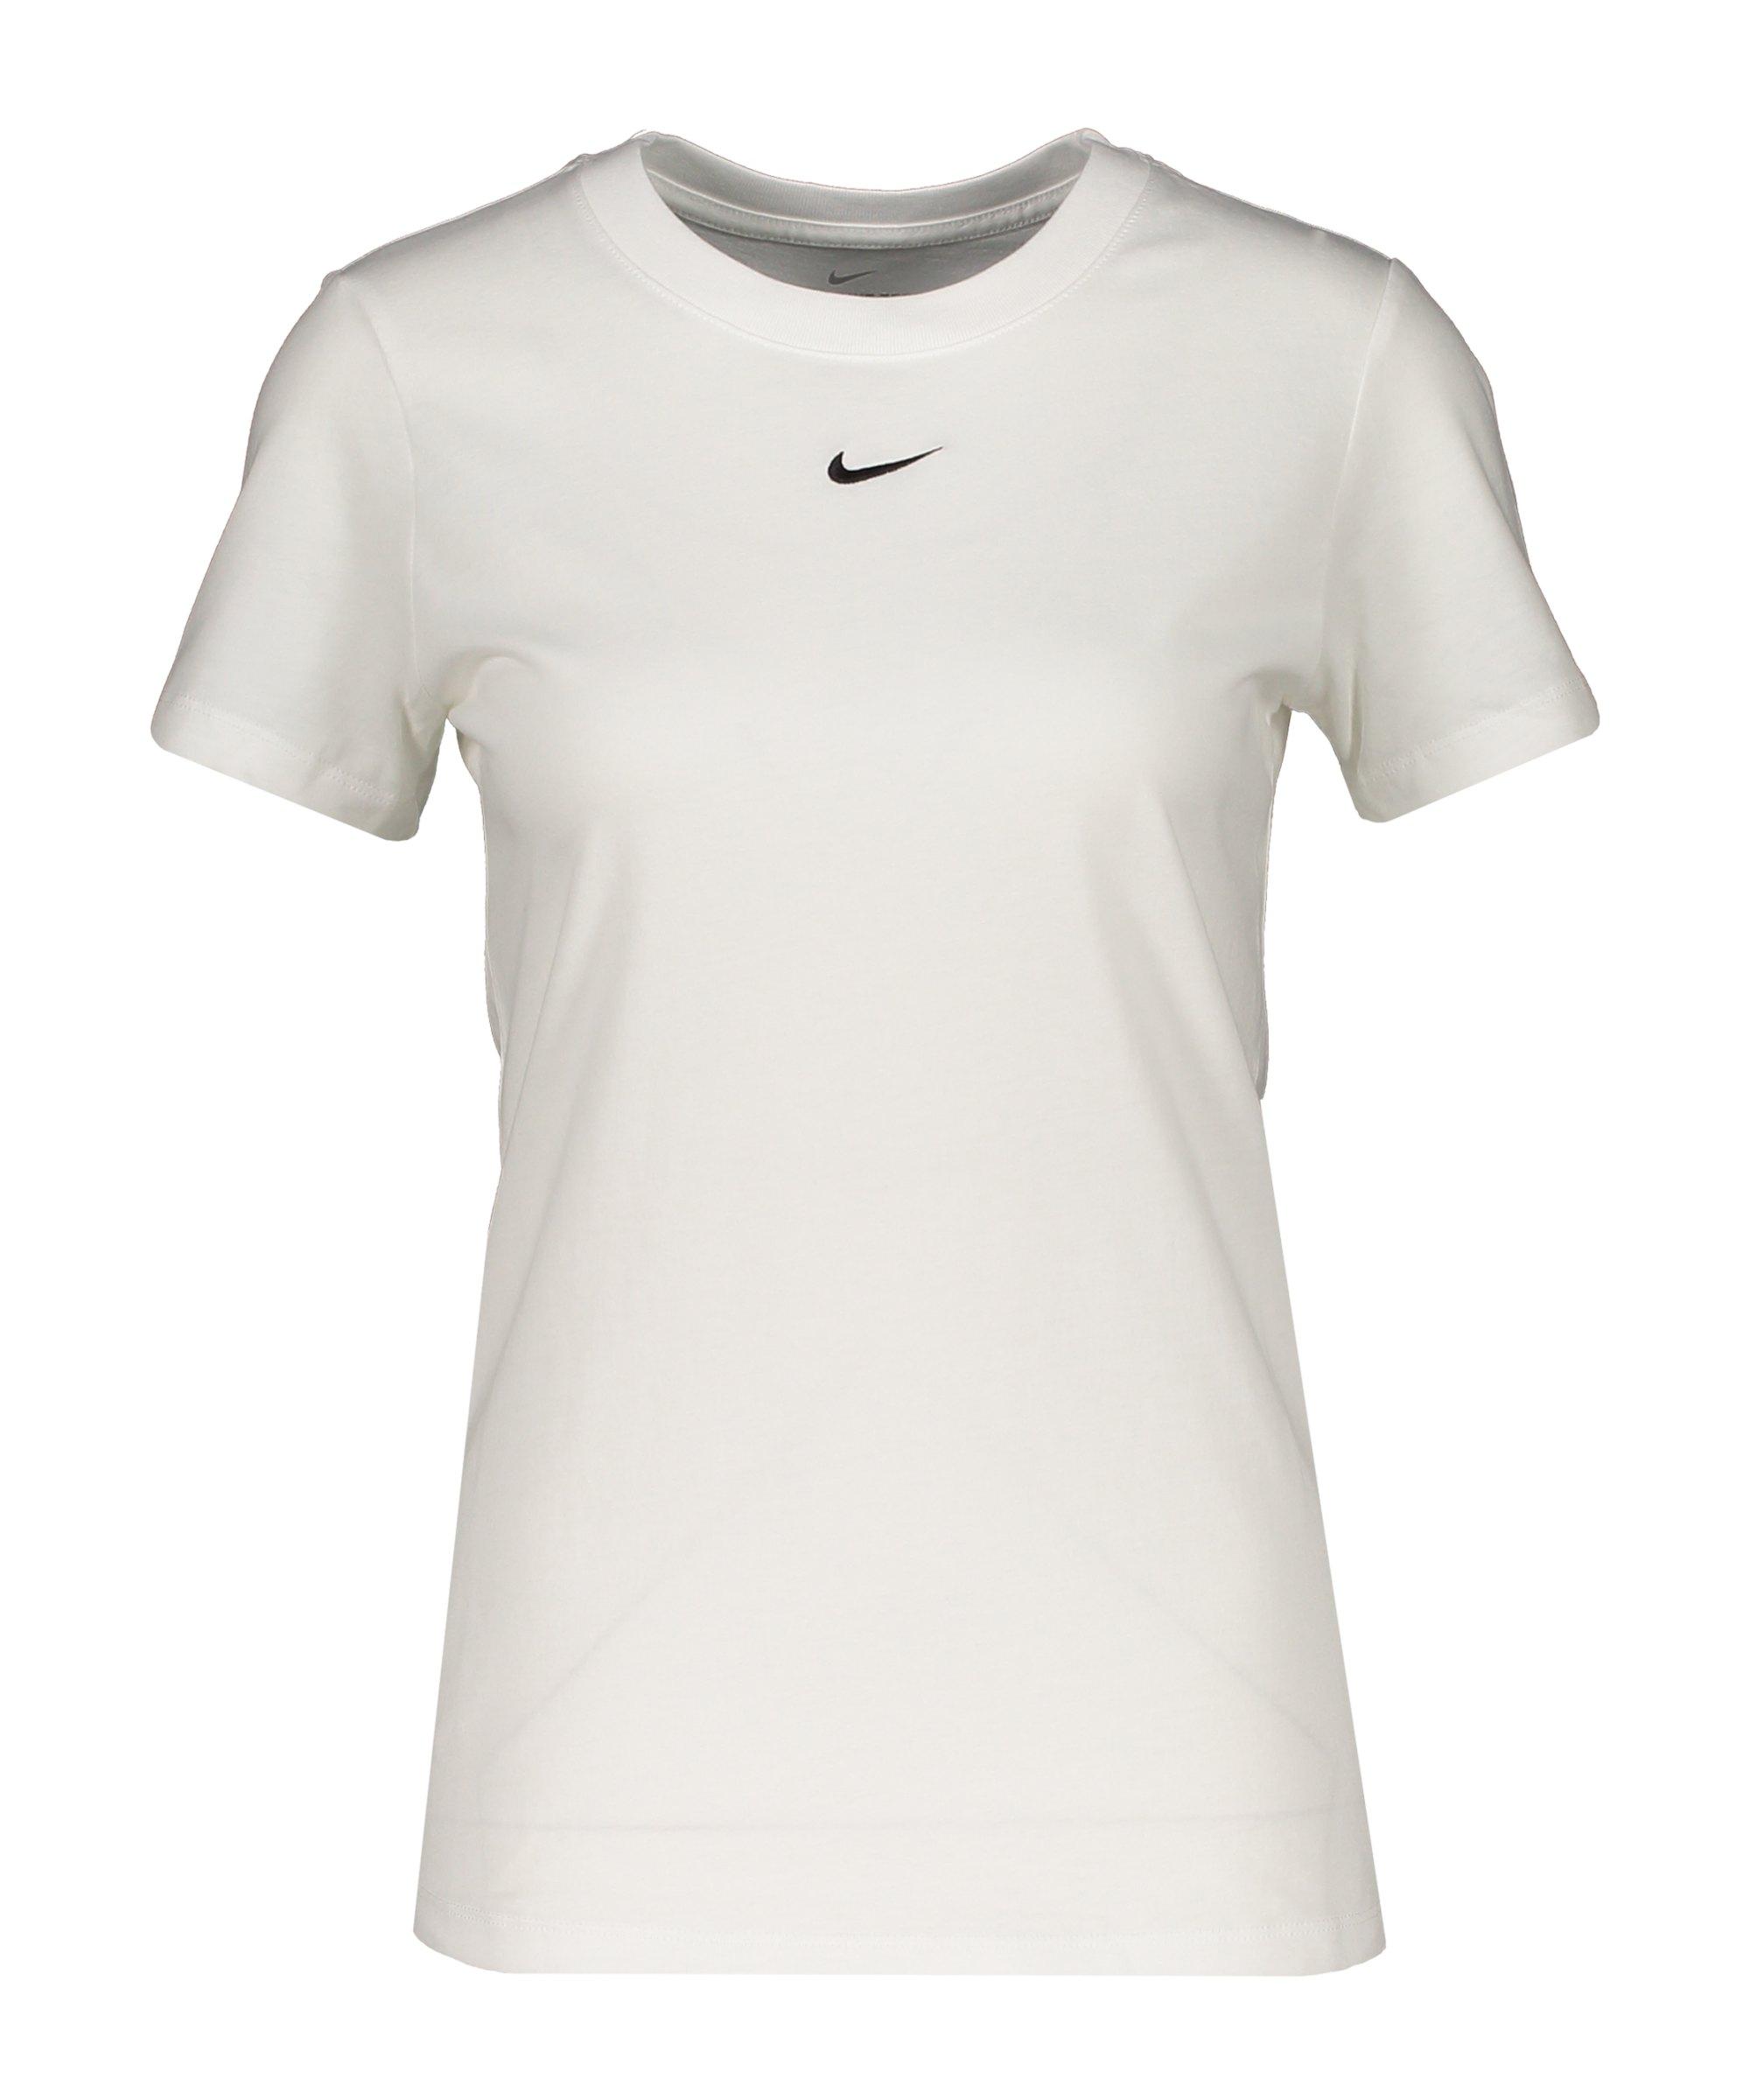 Nike Essentials T-Shirt Damen Weiss F101 - weiss